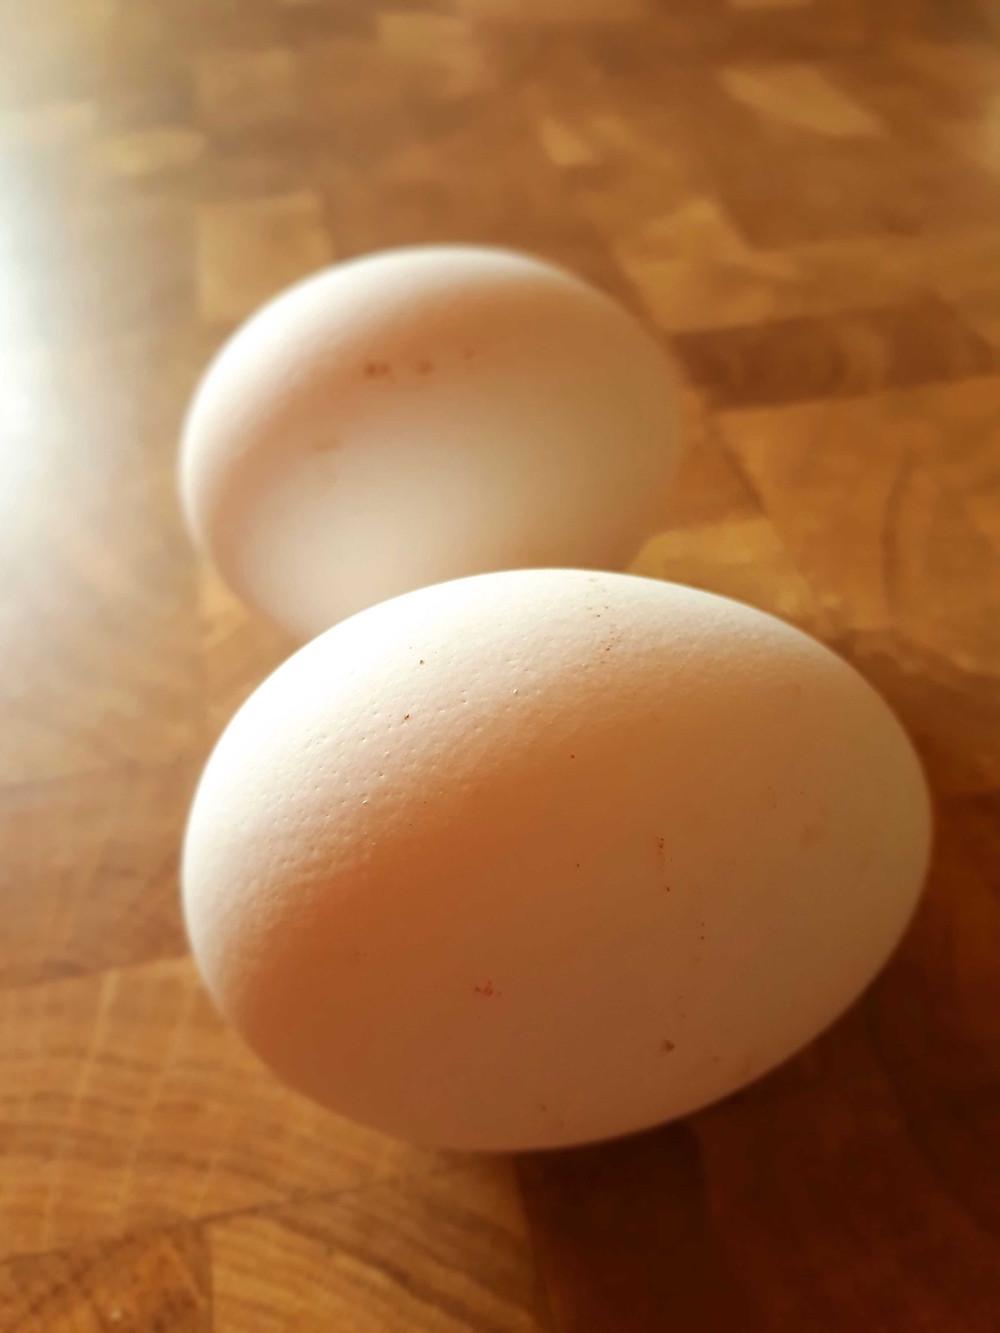 Bild 1: Die rohen Eier